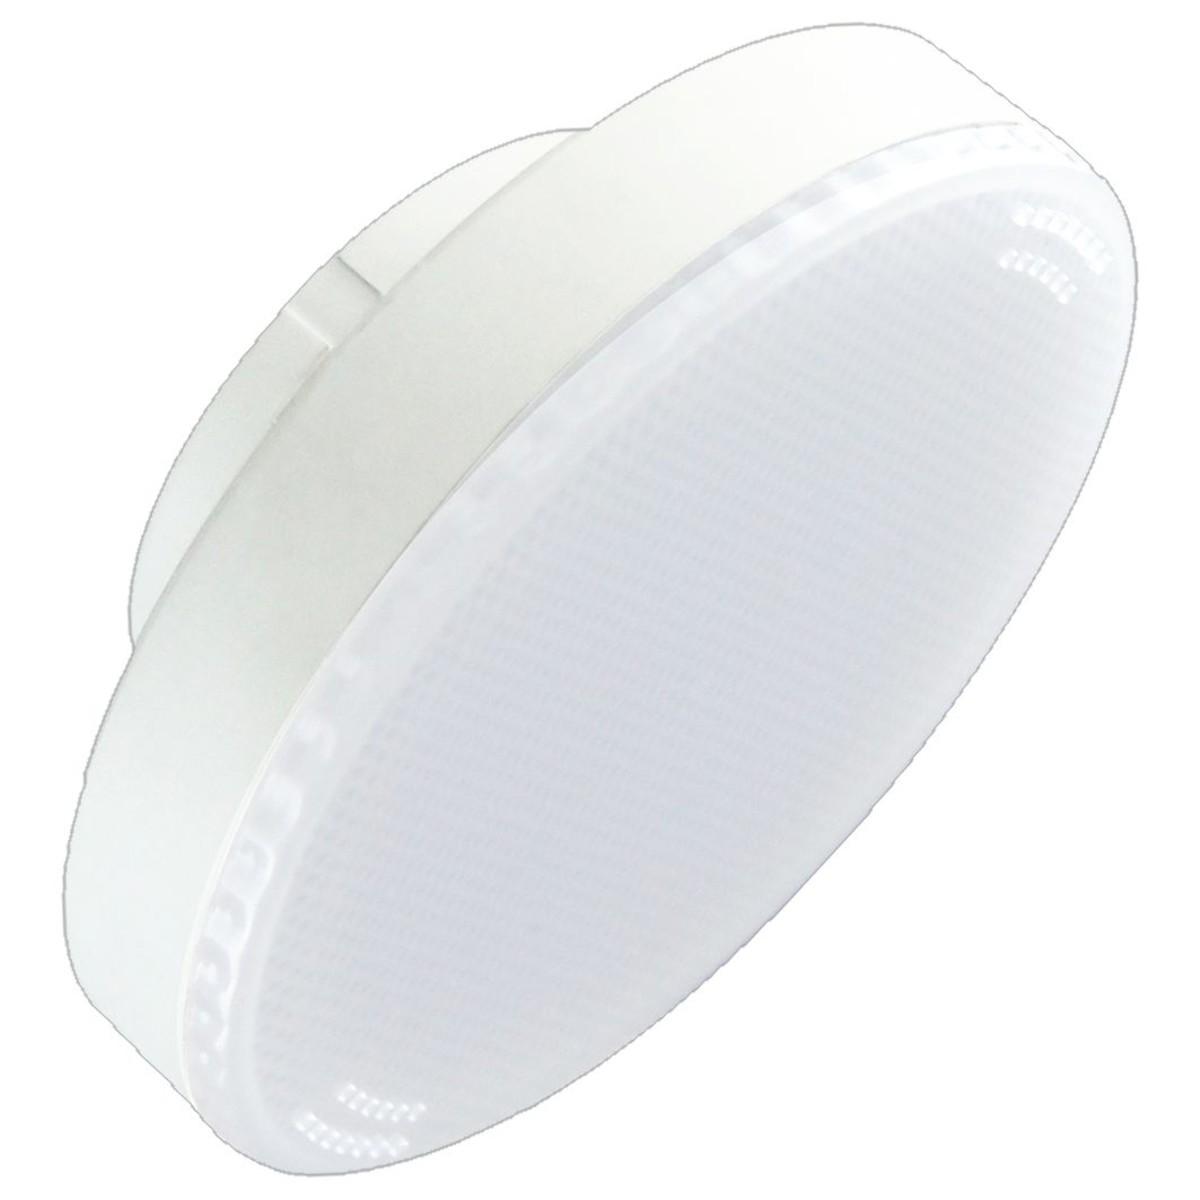 Лампа Ecola light GX53 11.50 Вт таблетка 920 Лм нейтральный 10 шт